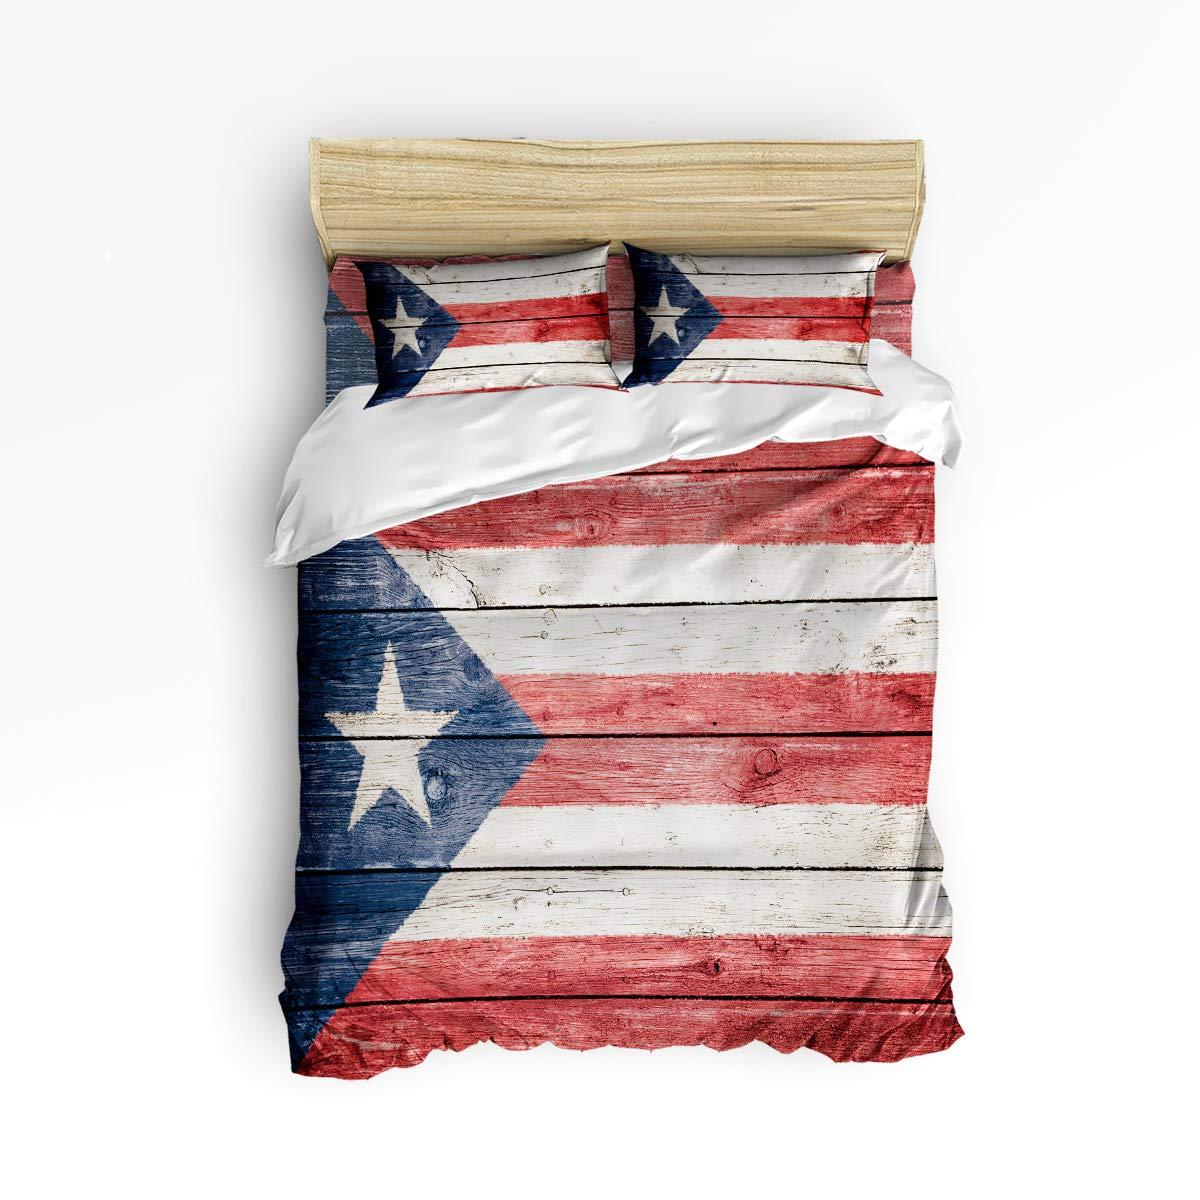 YEHO アートギャラリー布団カバーセット ソフトベッドシーツセット 子供用 プエルトリコアメリカ国旗寝具セット ホームデコレーション 4ピース フラットシーツ1枚 掛け布団カバー1枚 枕カバー2枚 クイーン 20181214YAGWHLSJTSSSLEX00836SJTCYAG B07LCRLBNH Flag10xyag8135 クイーン